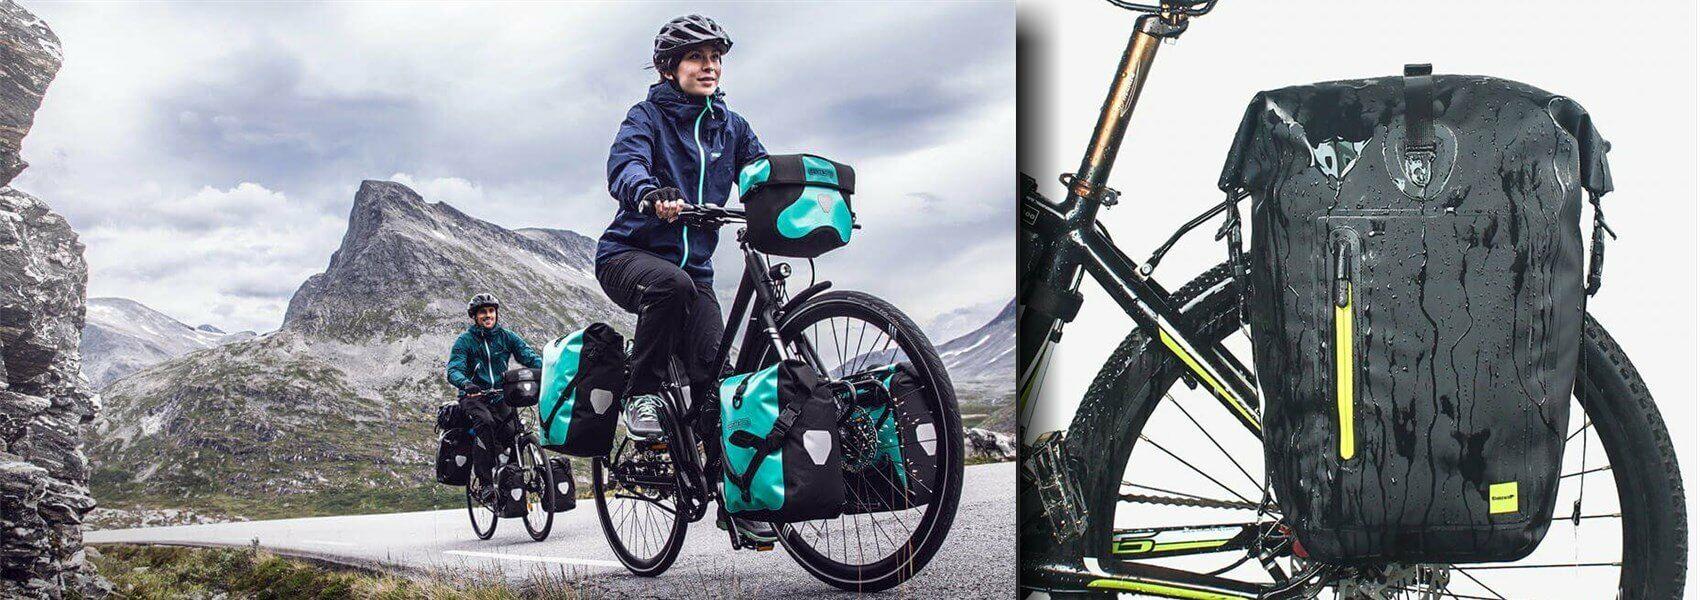 1k_bikepacking túra közlekedés mibe pakold a cuccot a kerékpáron, melyik táska hova és mire való